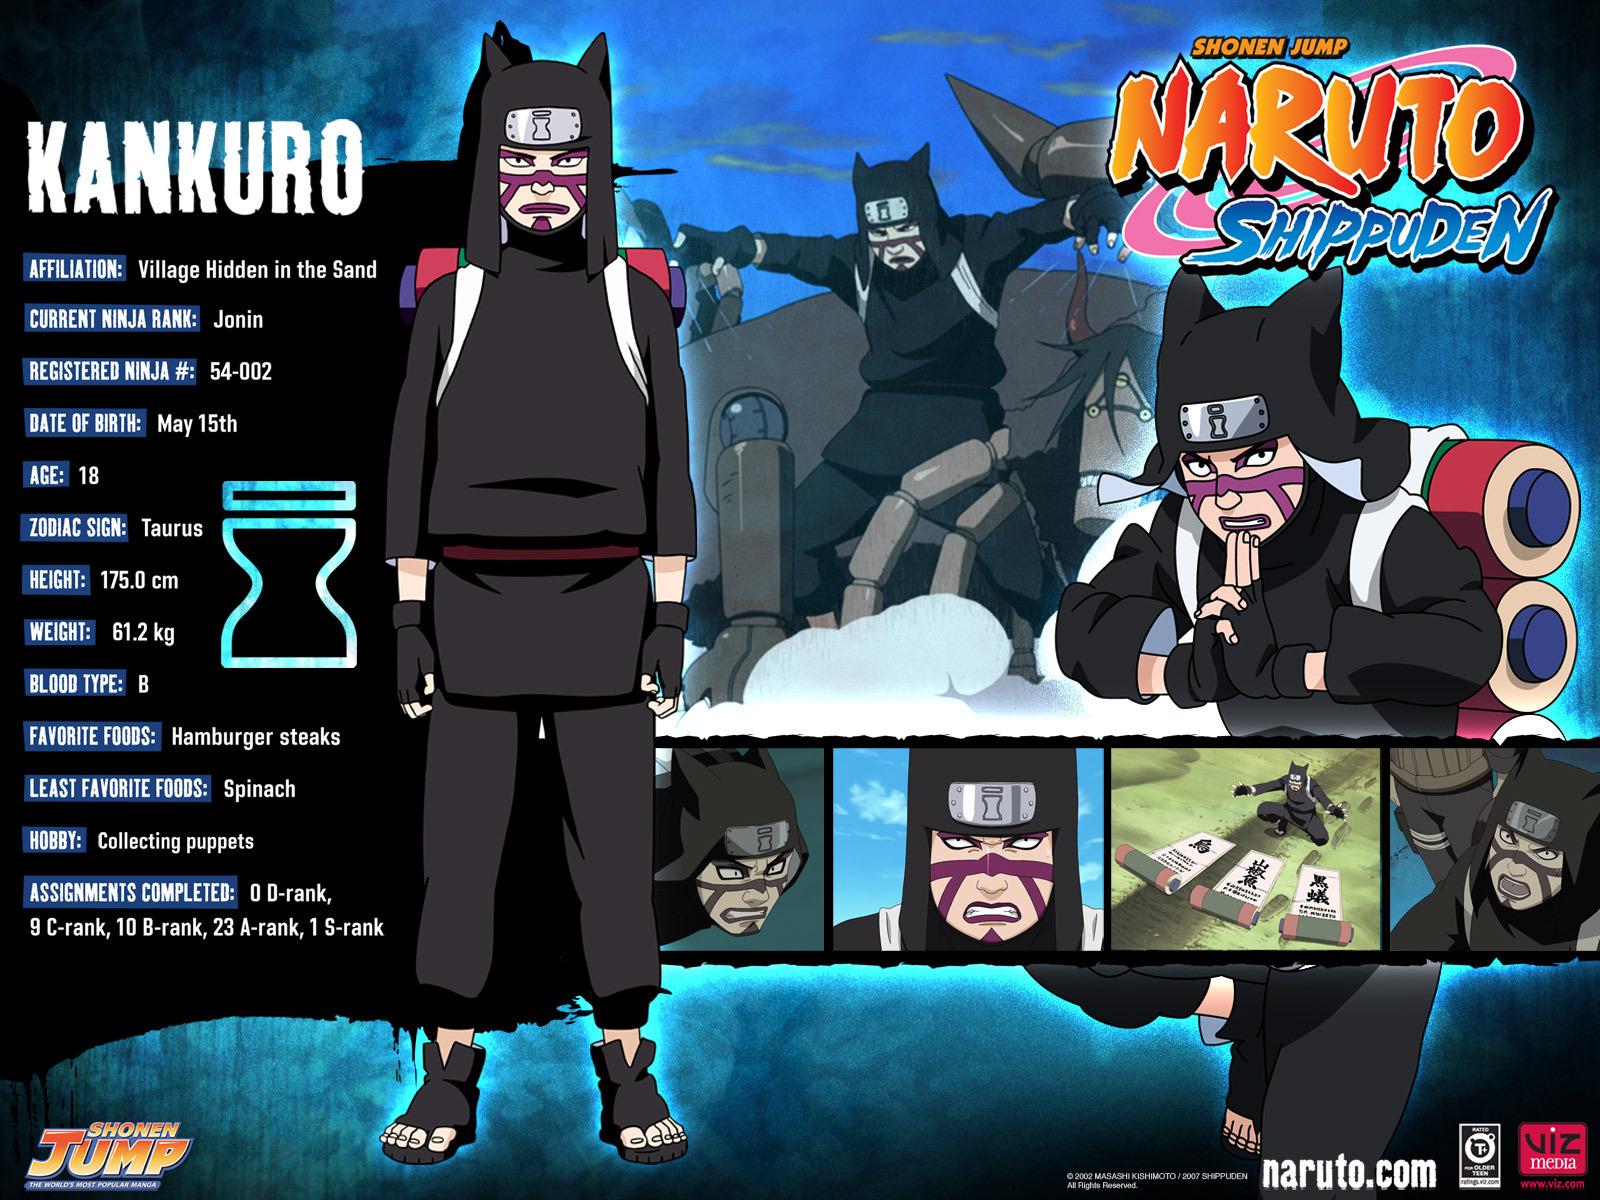 Naruto And Naruto Shippuden images NarutoShippuden HD wallpaper and